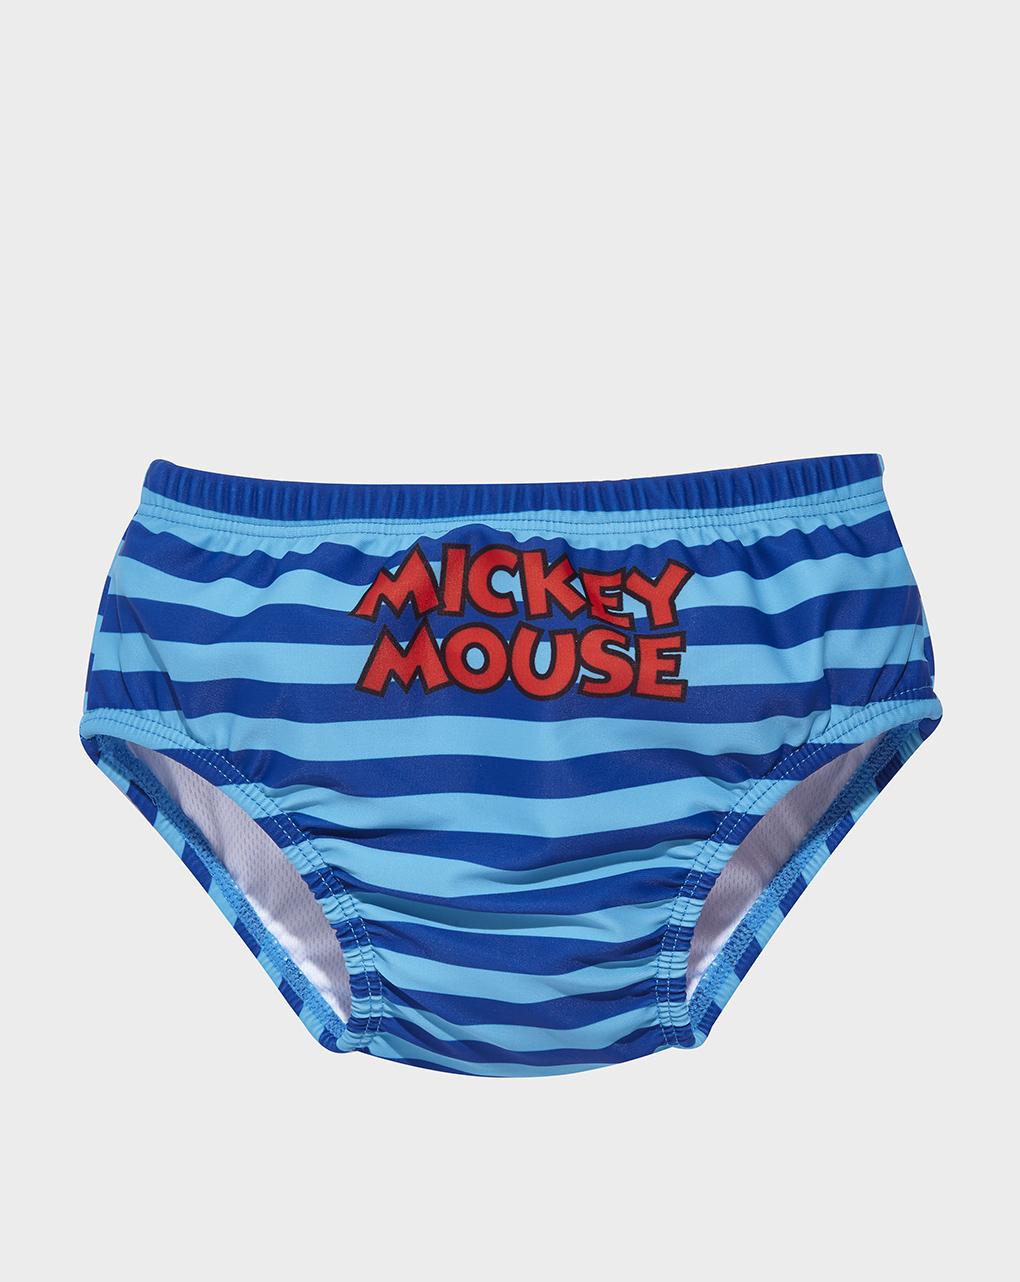 Μαγιό Ριγέ Γαλάζιο - Μπλε Mickey Mouse για Αγόρι